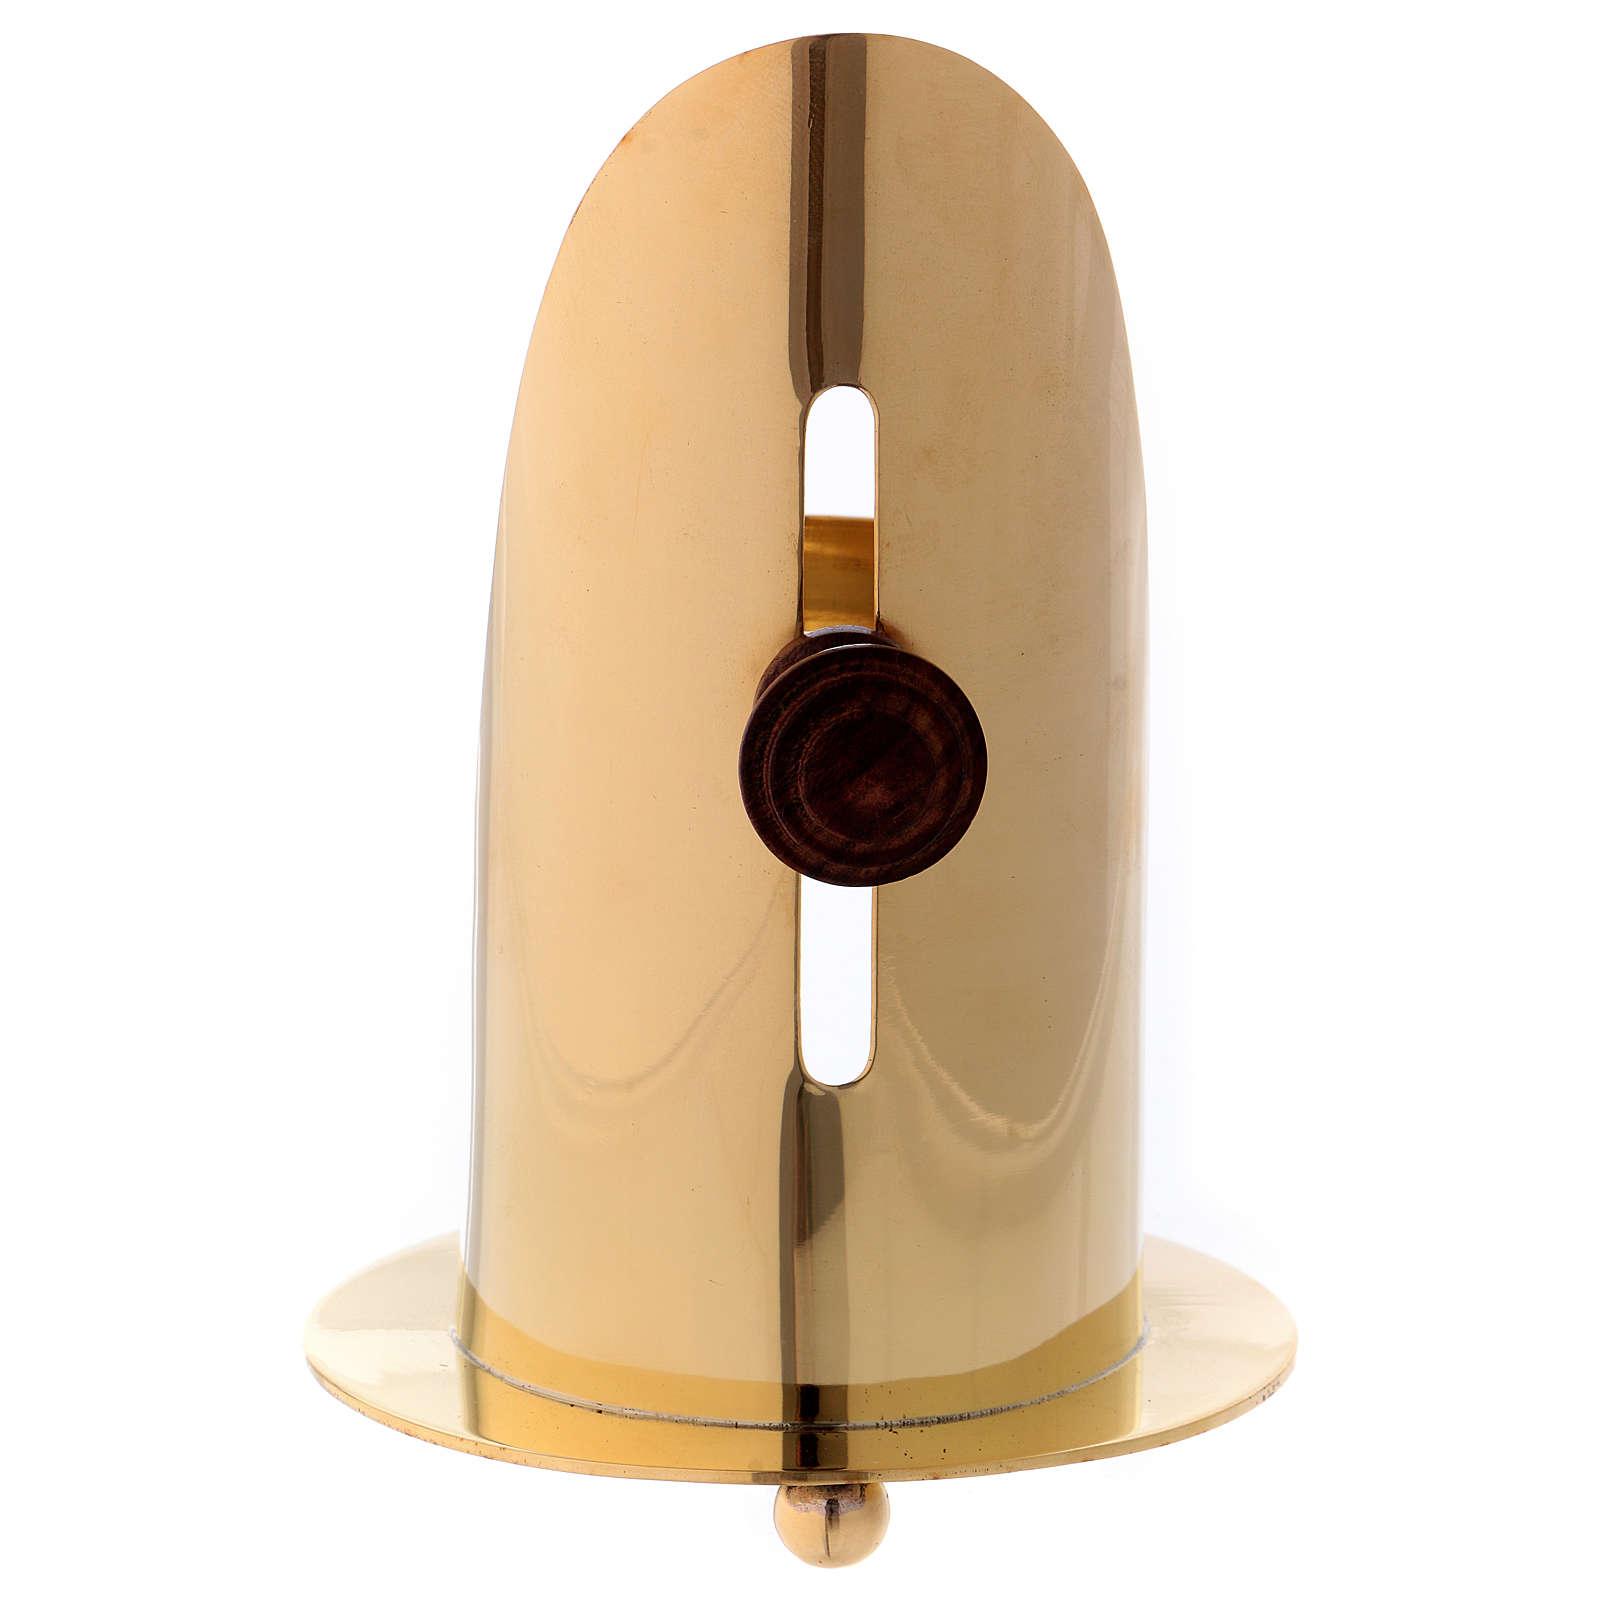 Queimador incenso latão dourado brilhante com punho em madeira 12 cm 3